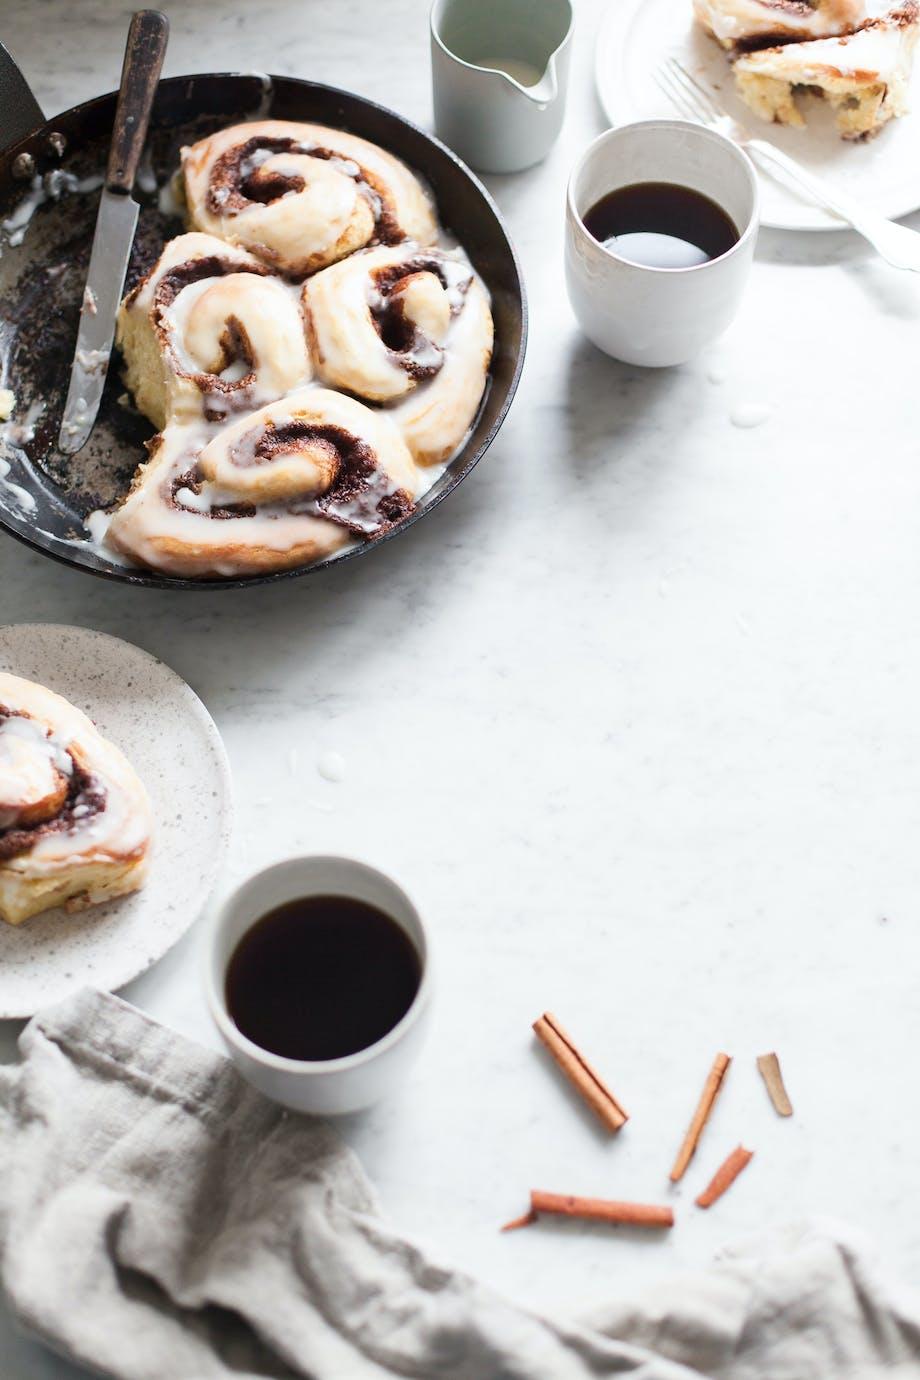 Blueberry Tales kanelsnegle whisky kanel efterår kaffe kage